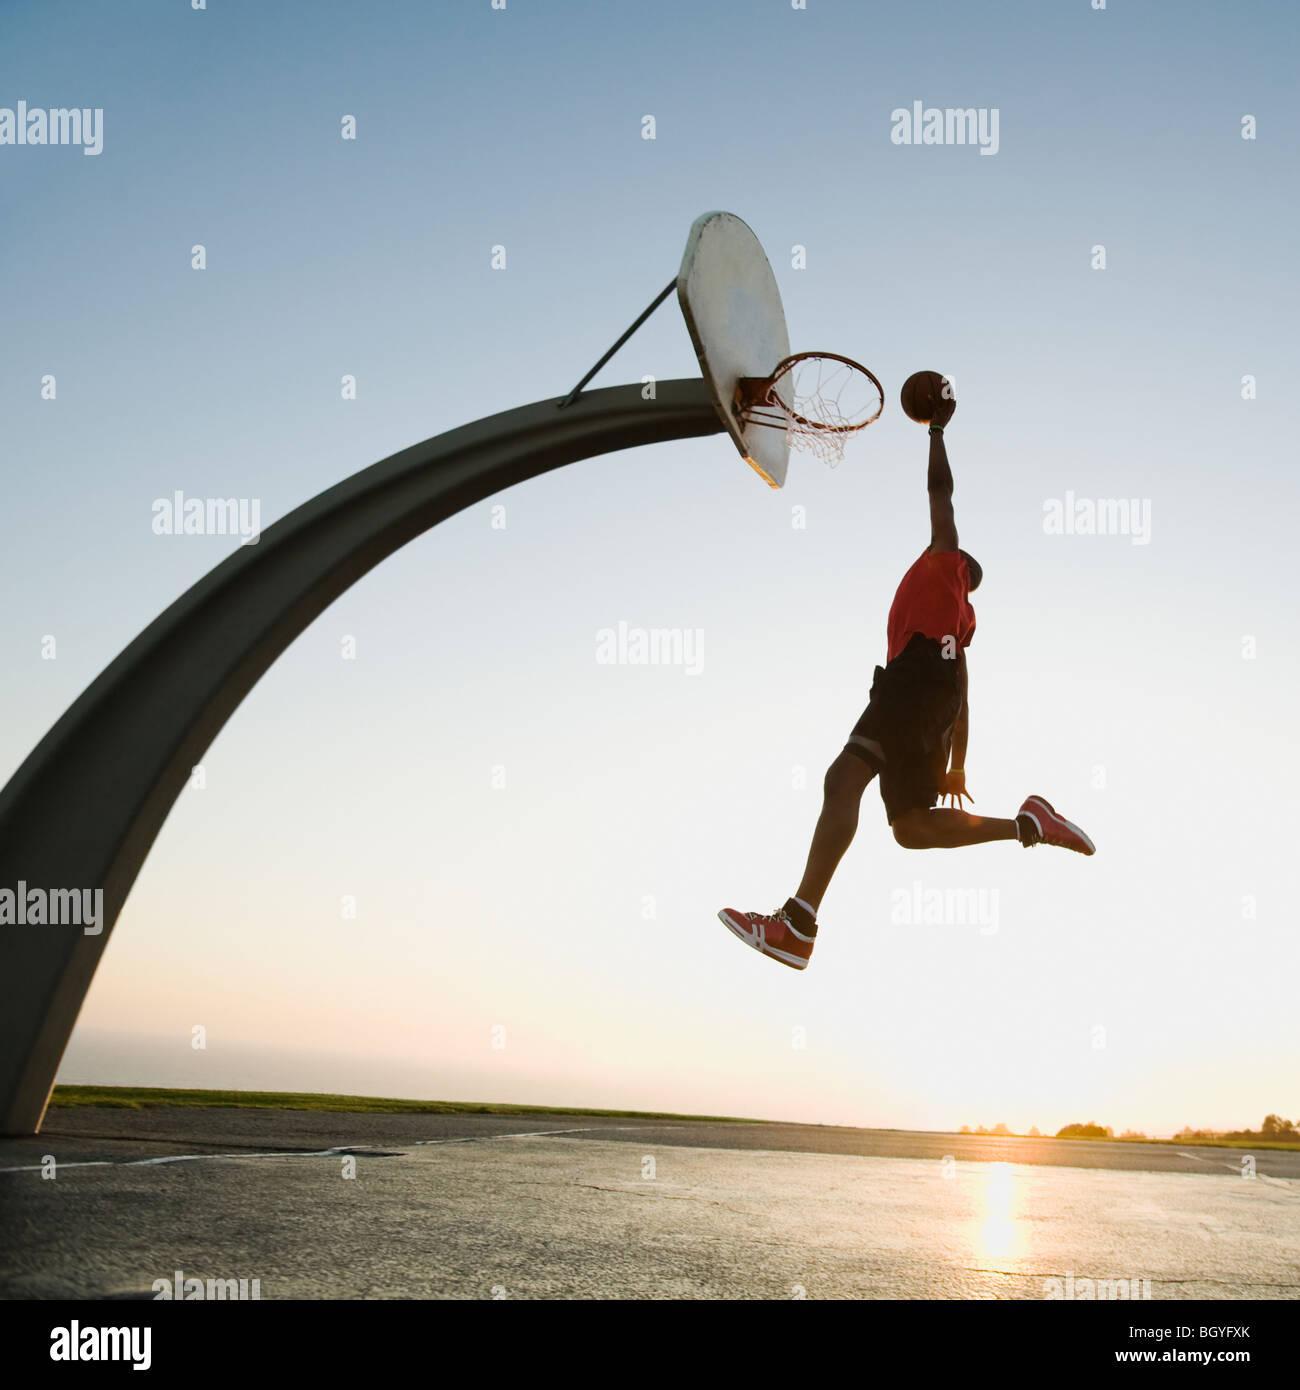 Basketball player Stockbild